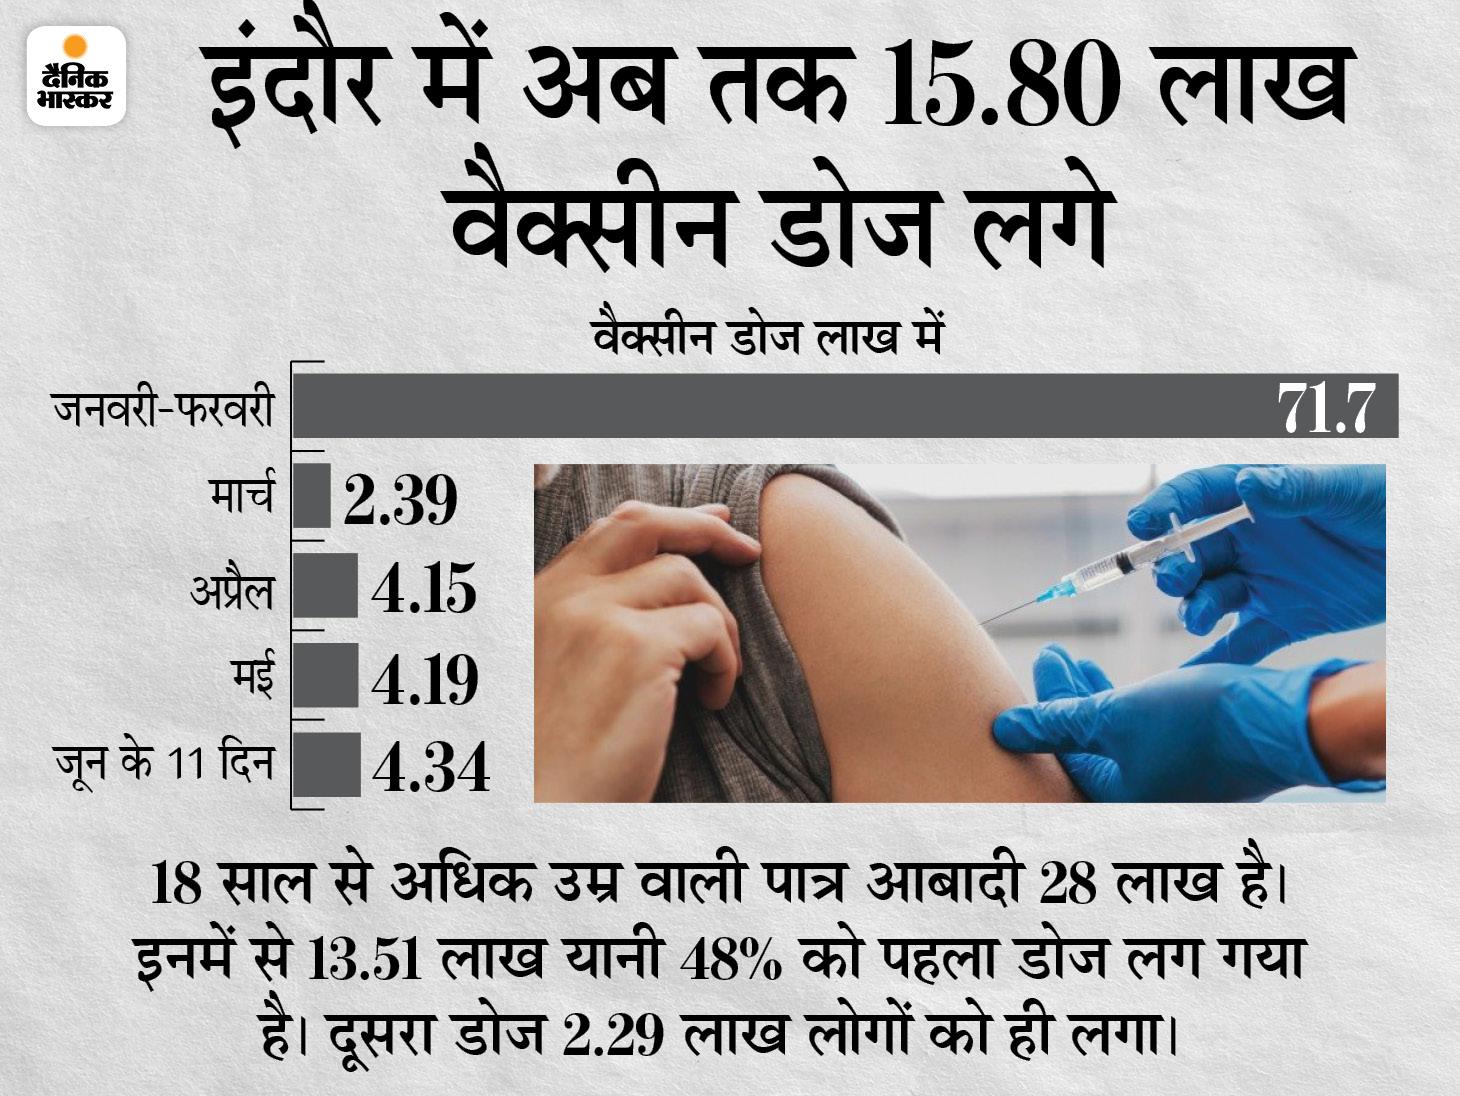 कोलकाता के बाद इंदौर में सबसे ज्यादा 48% आबादी को लगा टीका इंदौर,Indore - Dainik Bhaskar